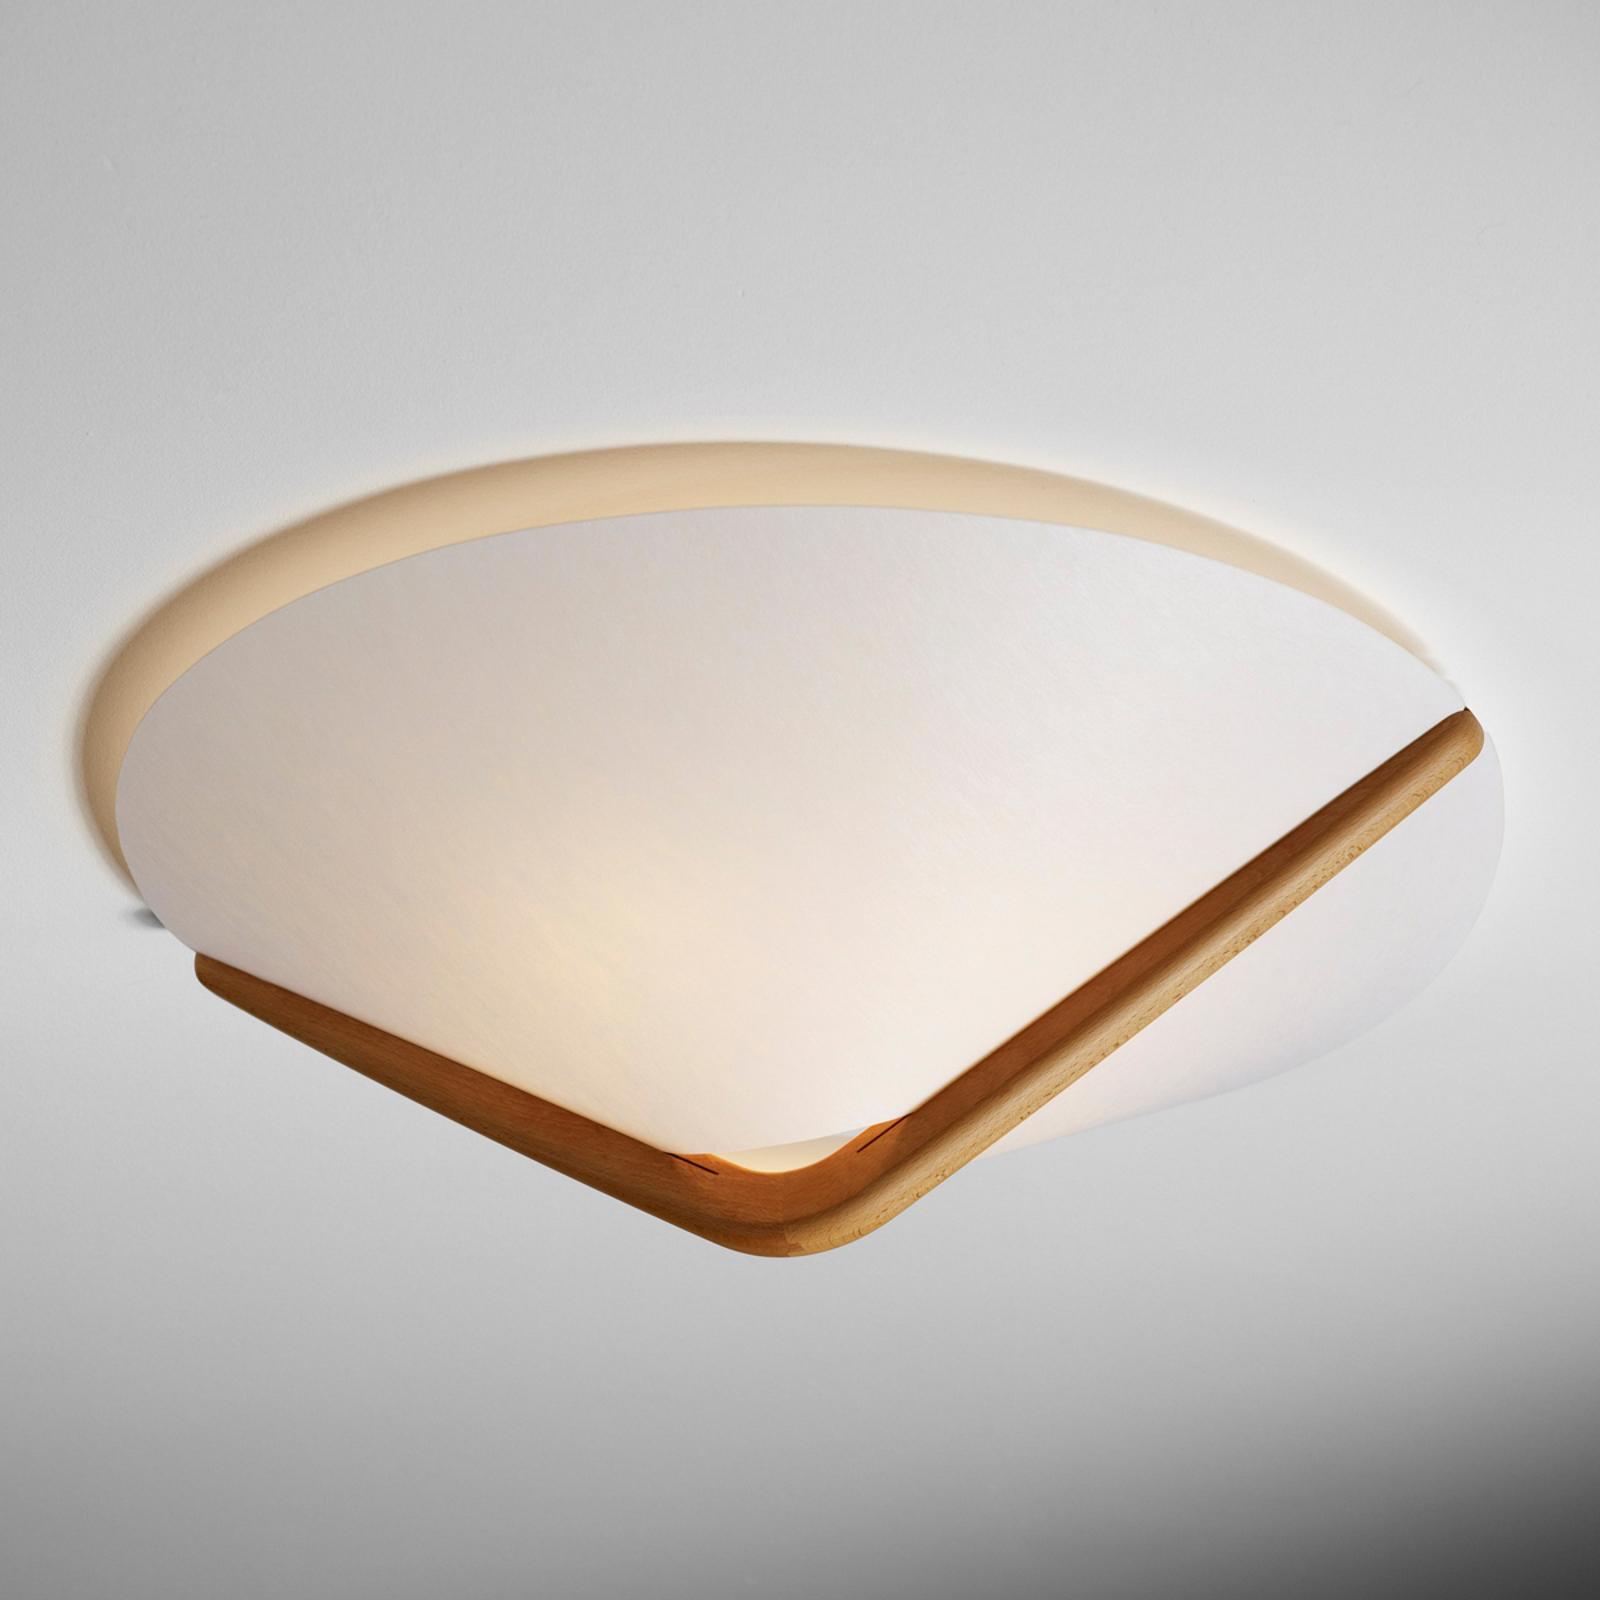 Trendy ceiling light PILA_2600043_1